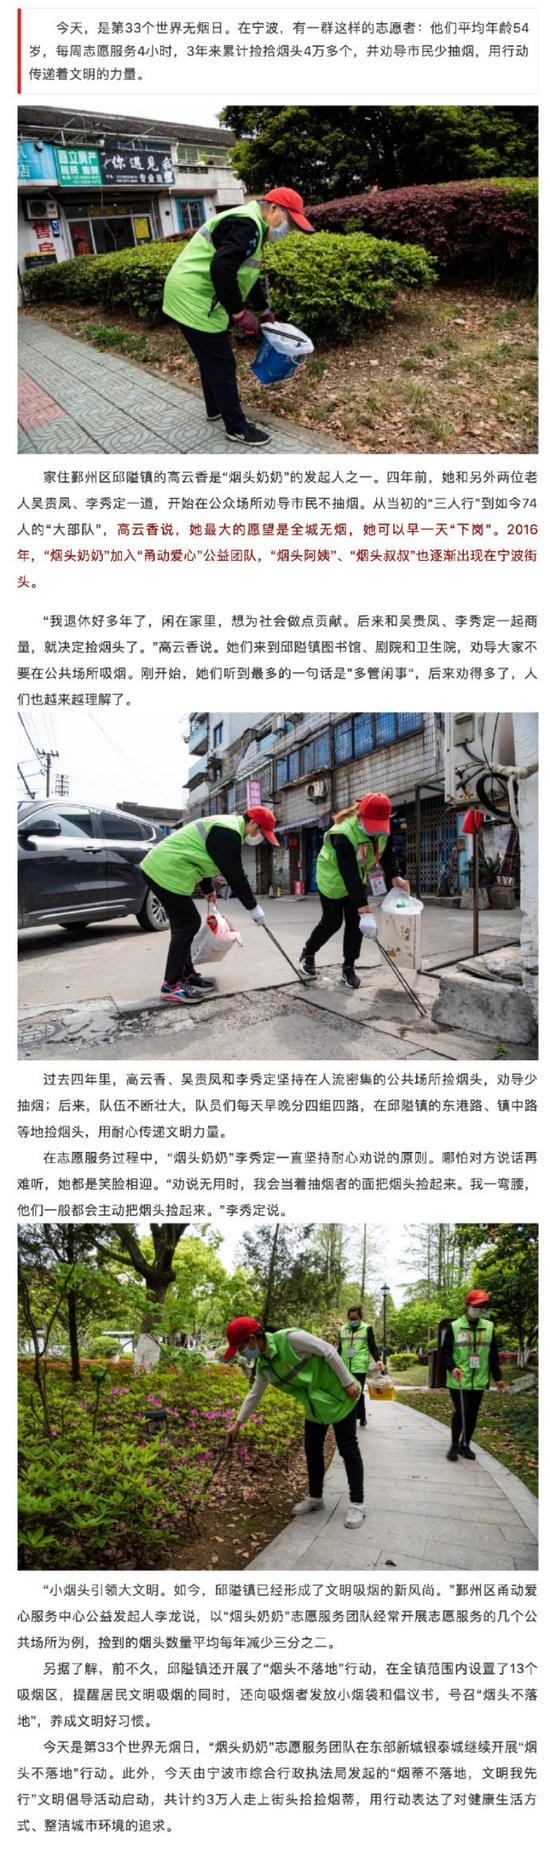 宁波志愿者增添3万多队友 用行动传递着文明的力量